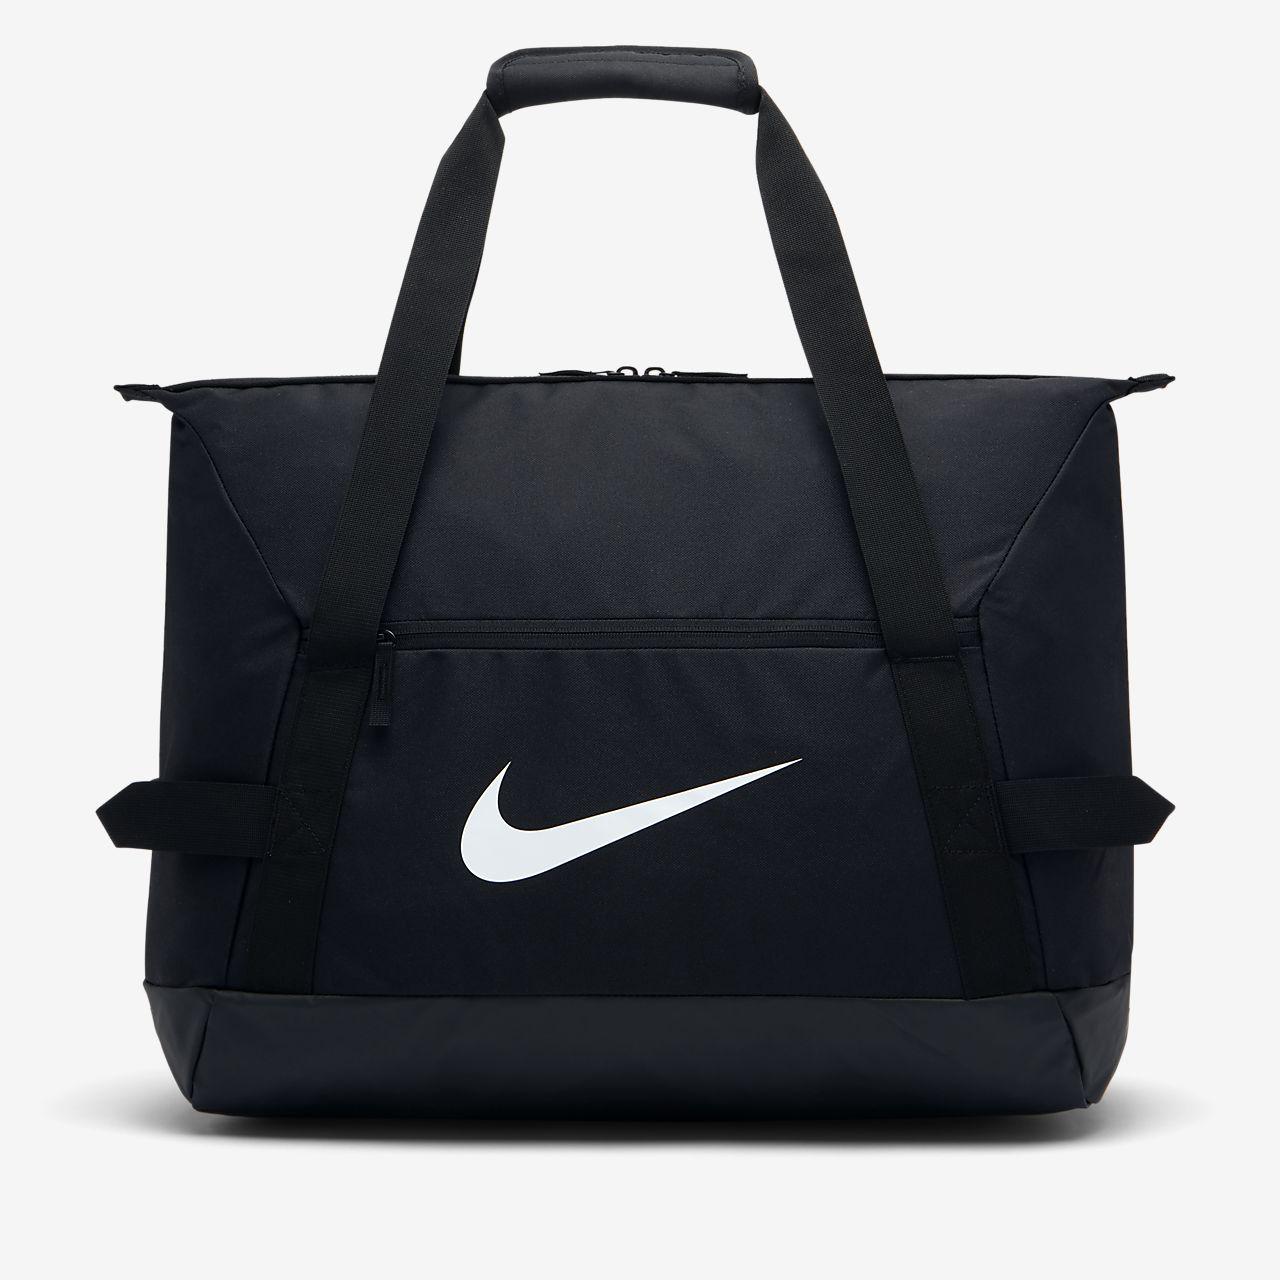 5ab6f5ac87 ... Sac de sport pour le football Nike Academy Team (taille moyenne)